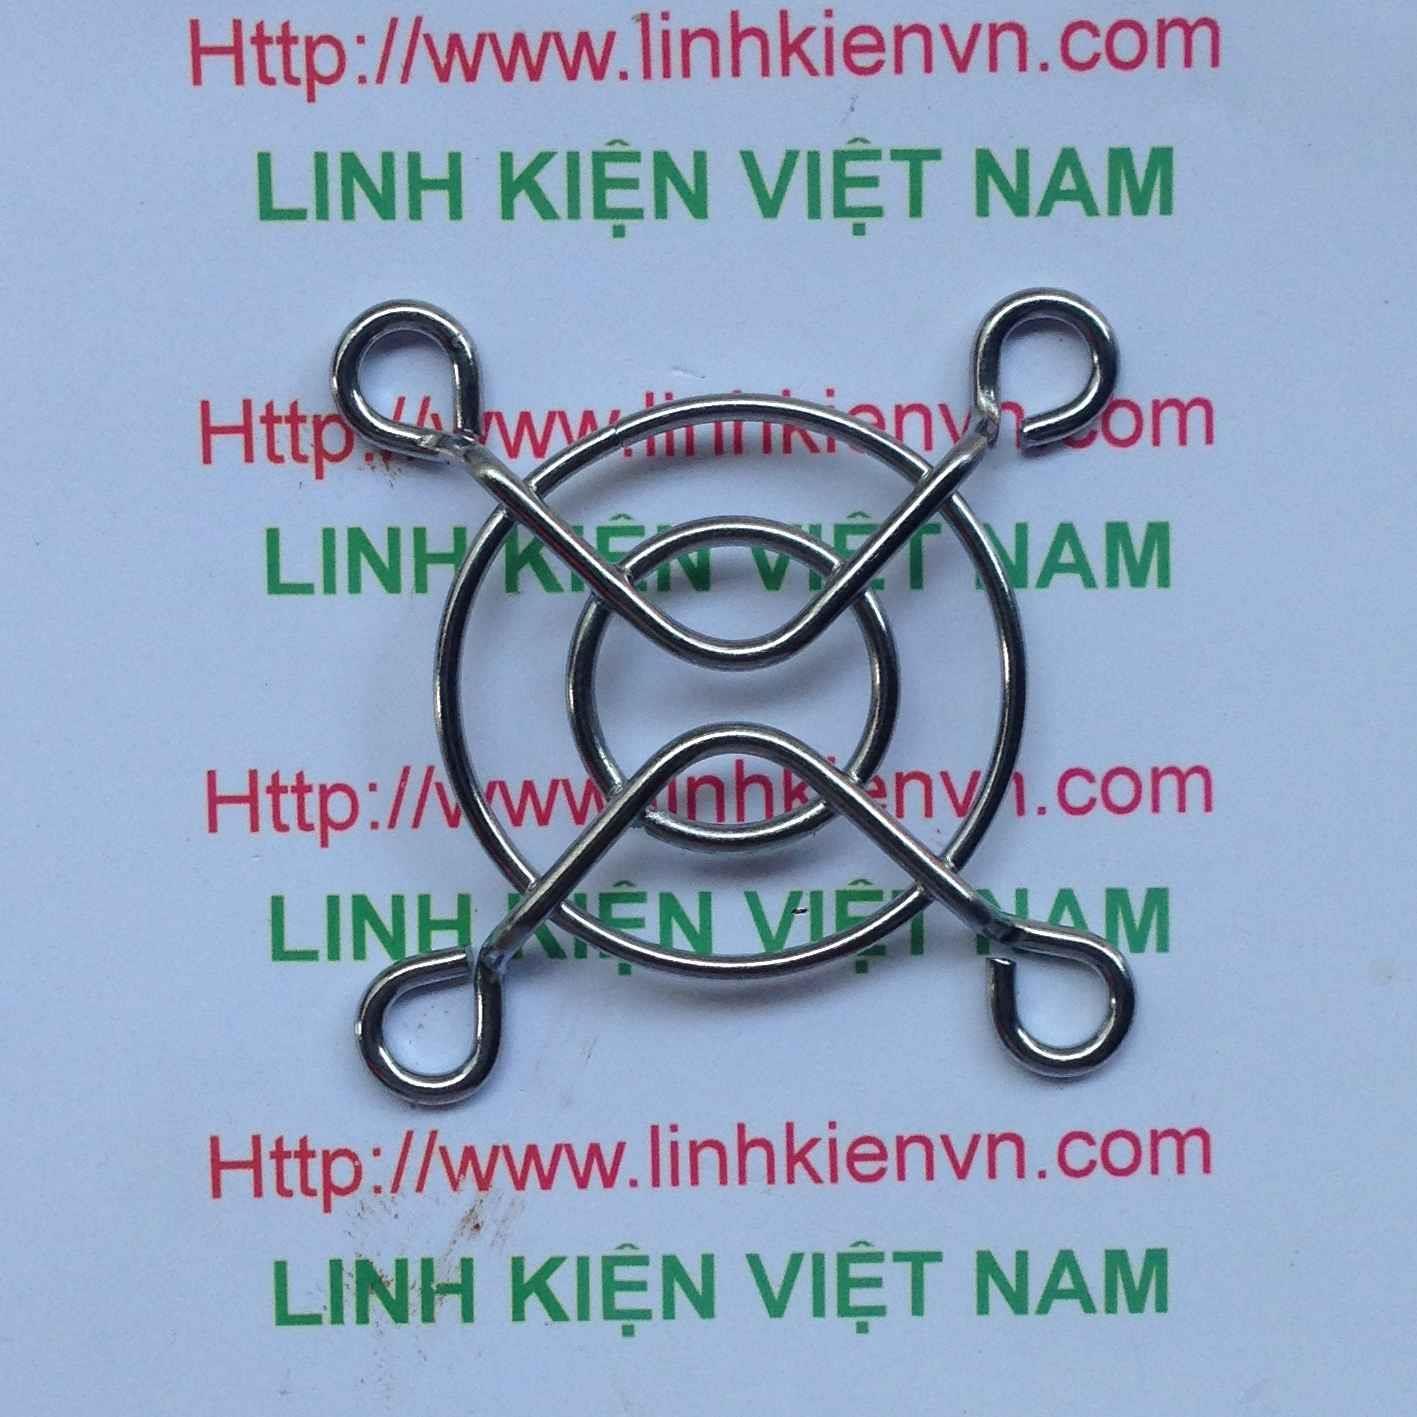 Tấm bảo vệ quạt Fan 4x4Cm / Miếng bảo vệ fan / Lưới bảo vệ Fan / Phụ kiện Fan / Tấm bảo vệ cho quạt Fan 4x4 Cm - G8H14 (KA5H3)